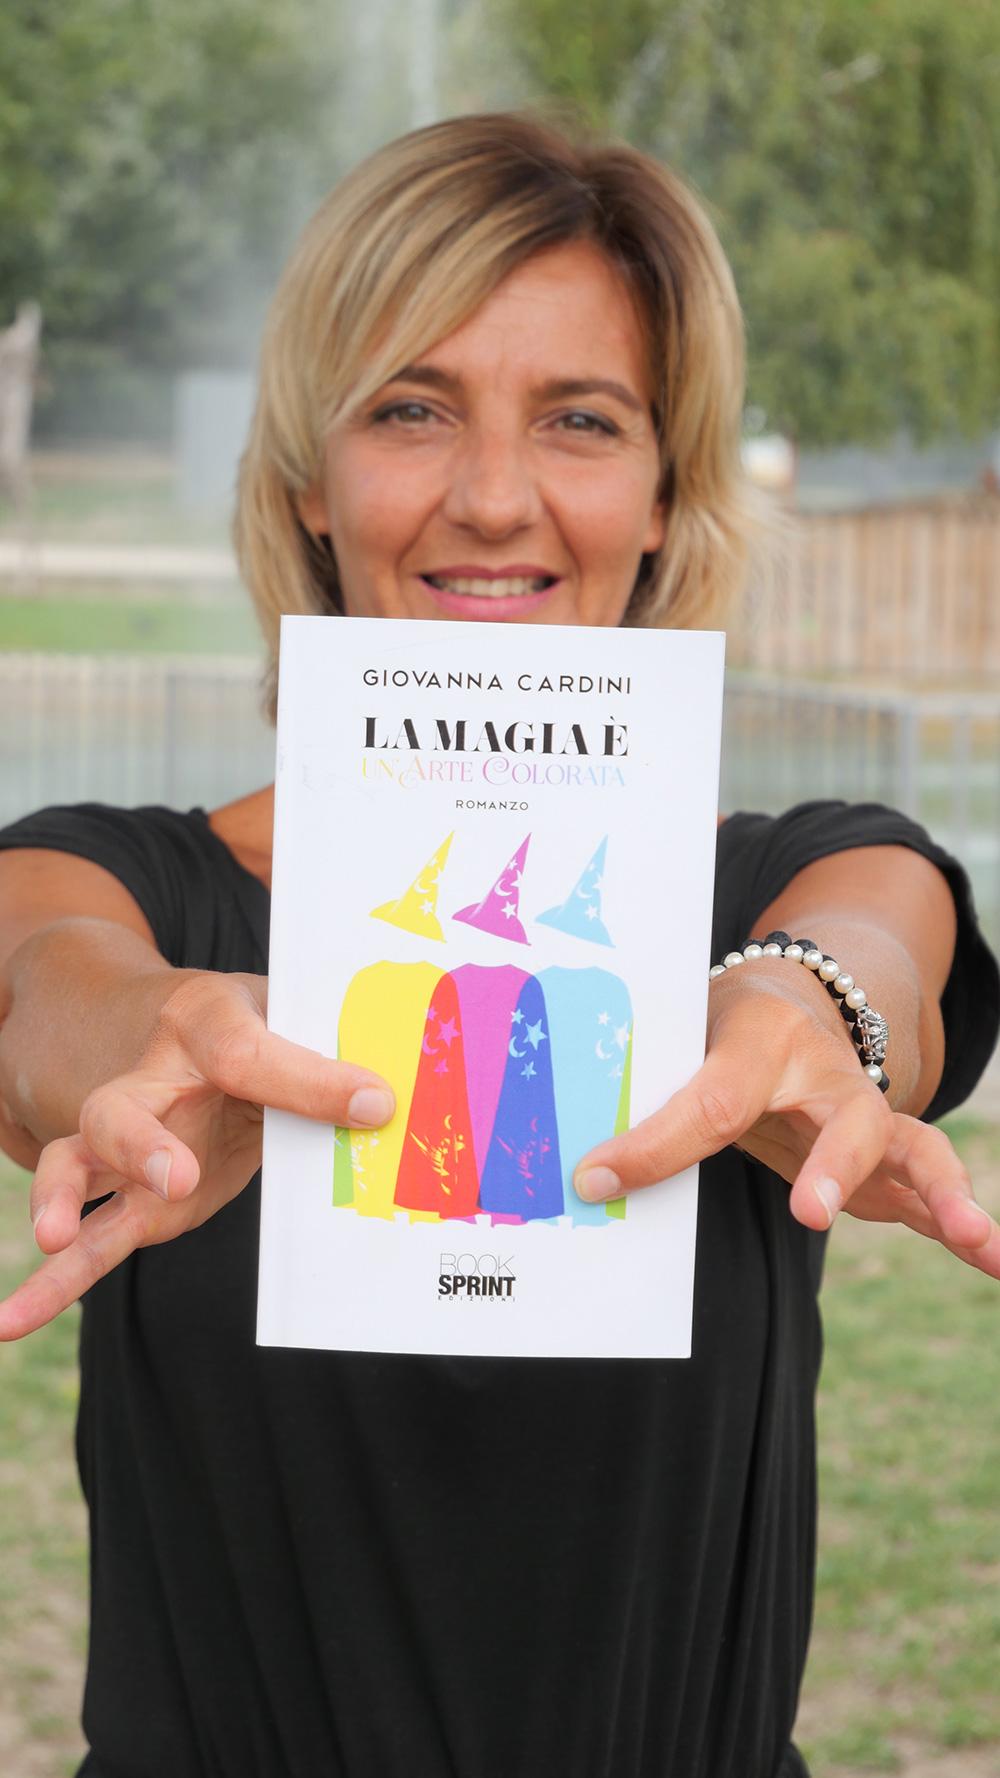 """""""La magia è un'arte colorata"""", un libro di fiabe di Giovanna Cardini per risvegliare il proprio talento"""